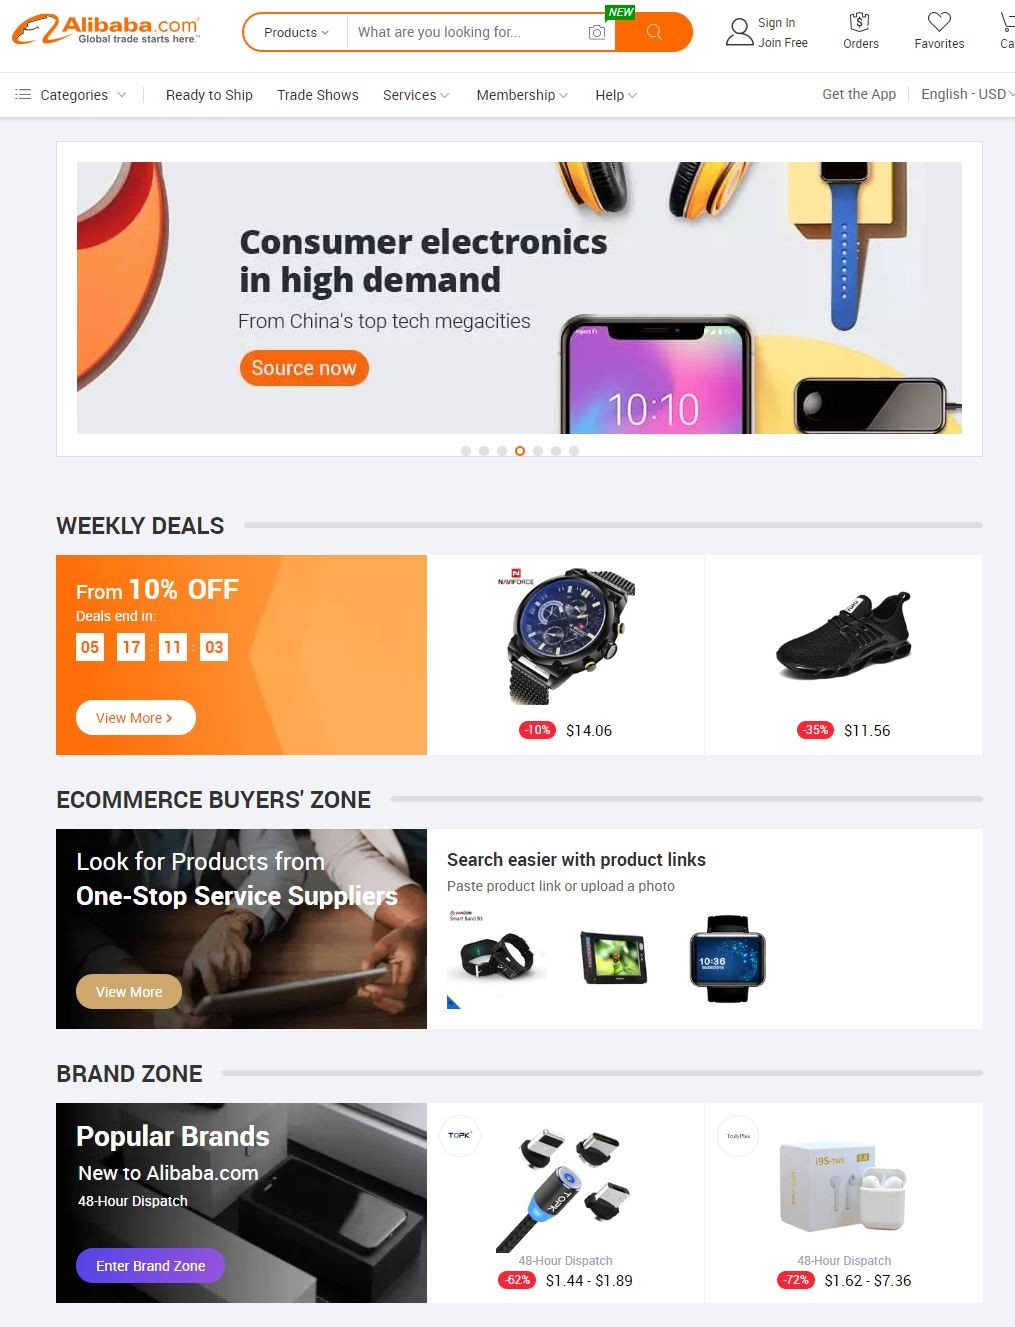 Alibaba permitirá que empresas dos EUA vendam em seu site - Notícias - Plantão Diário